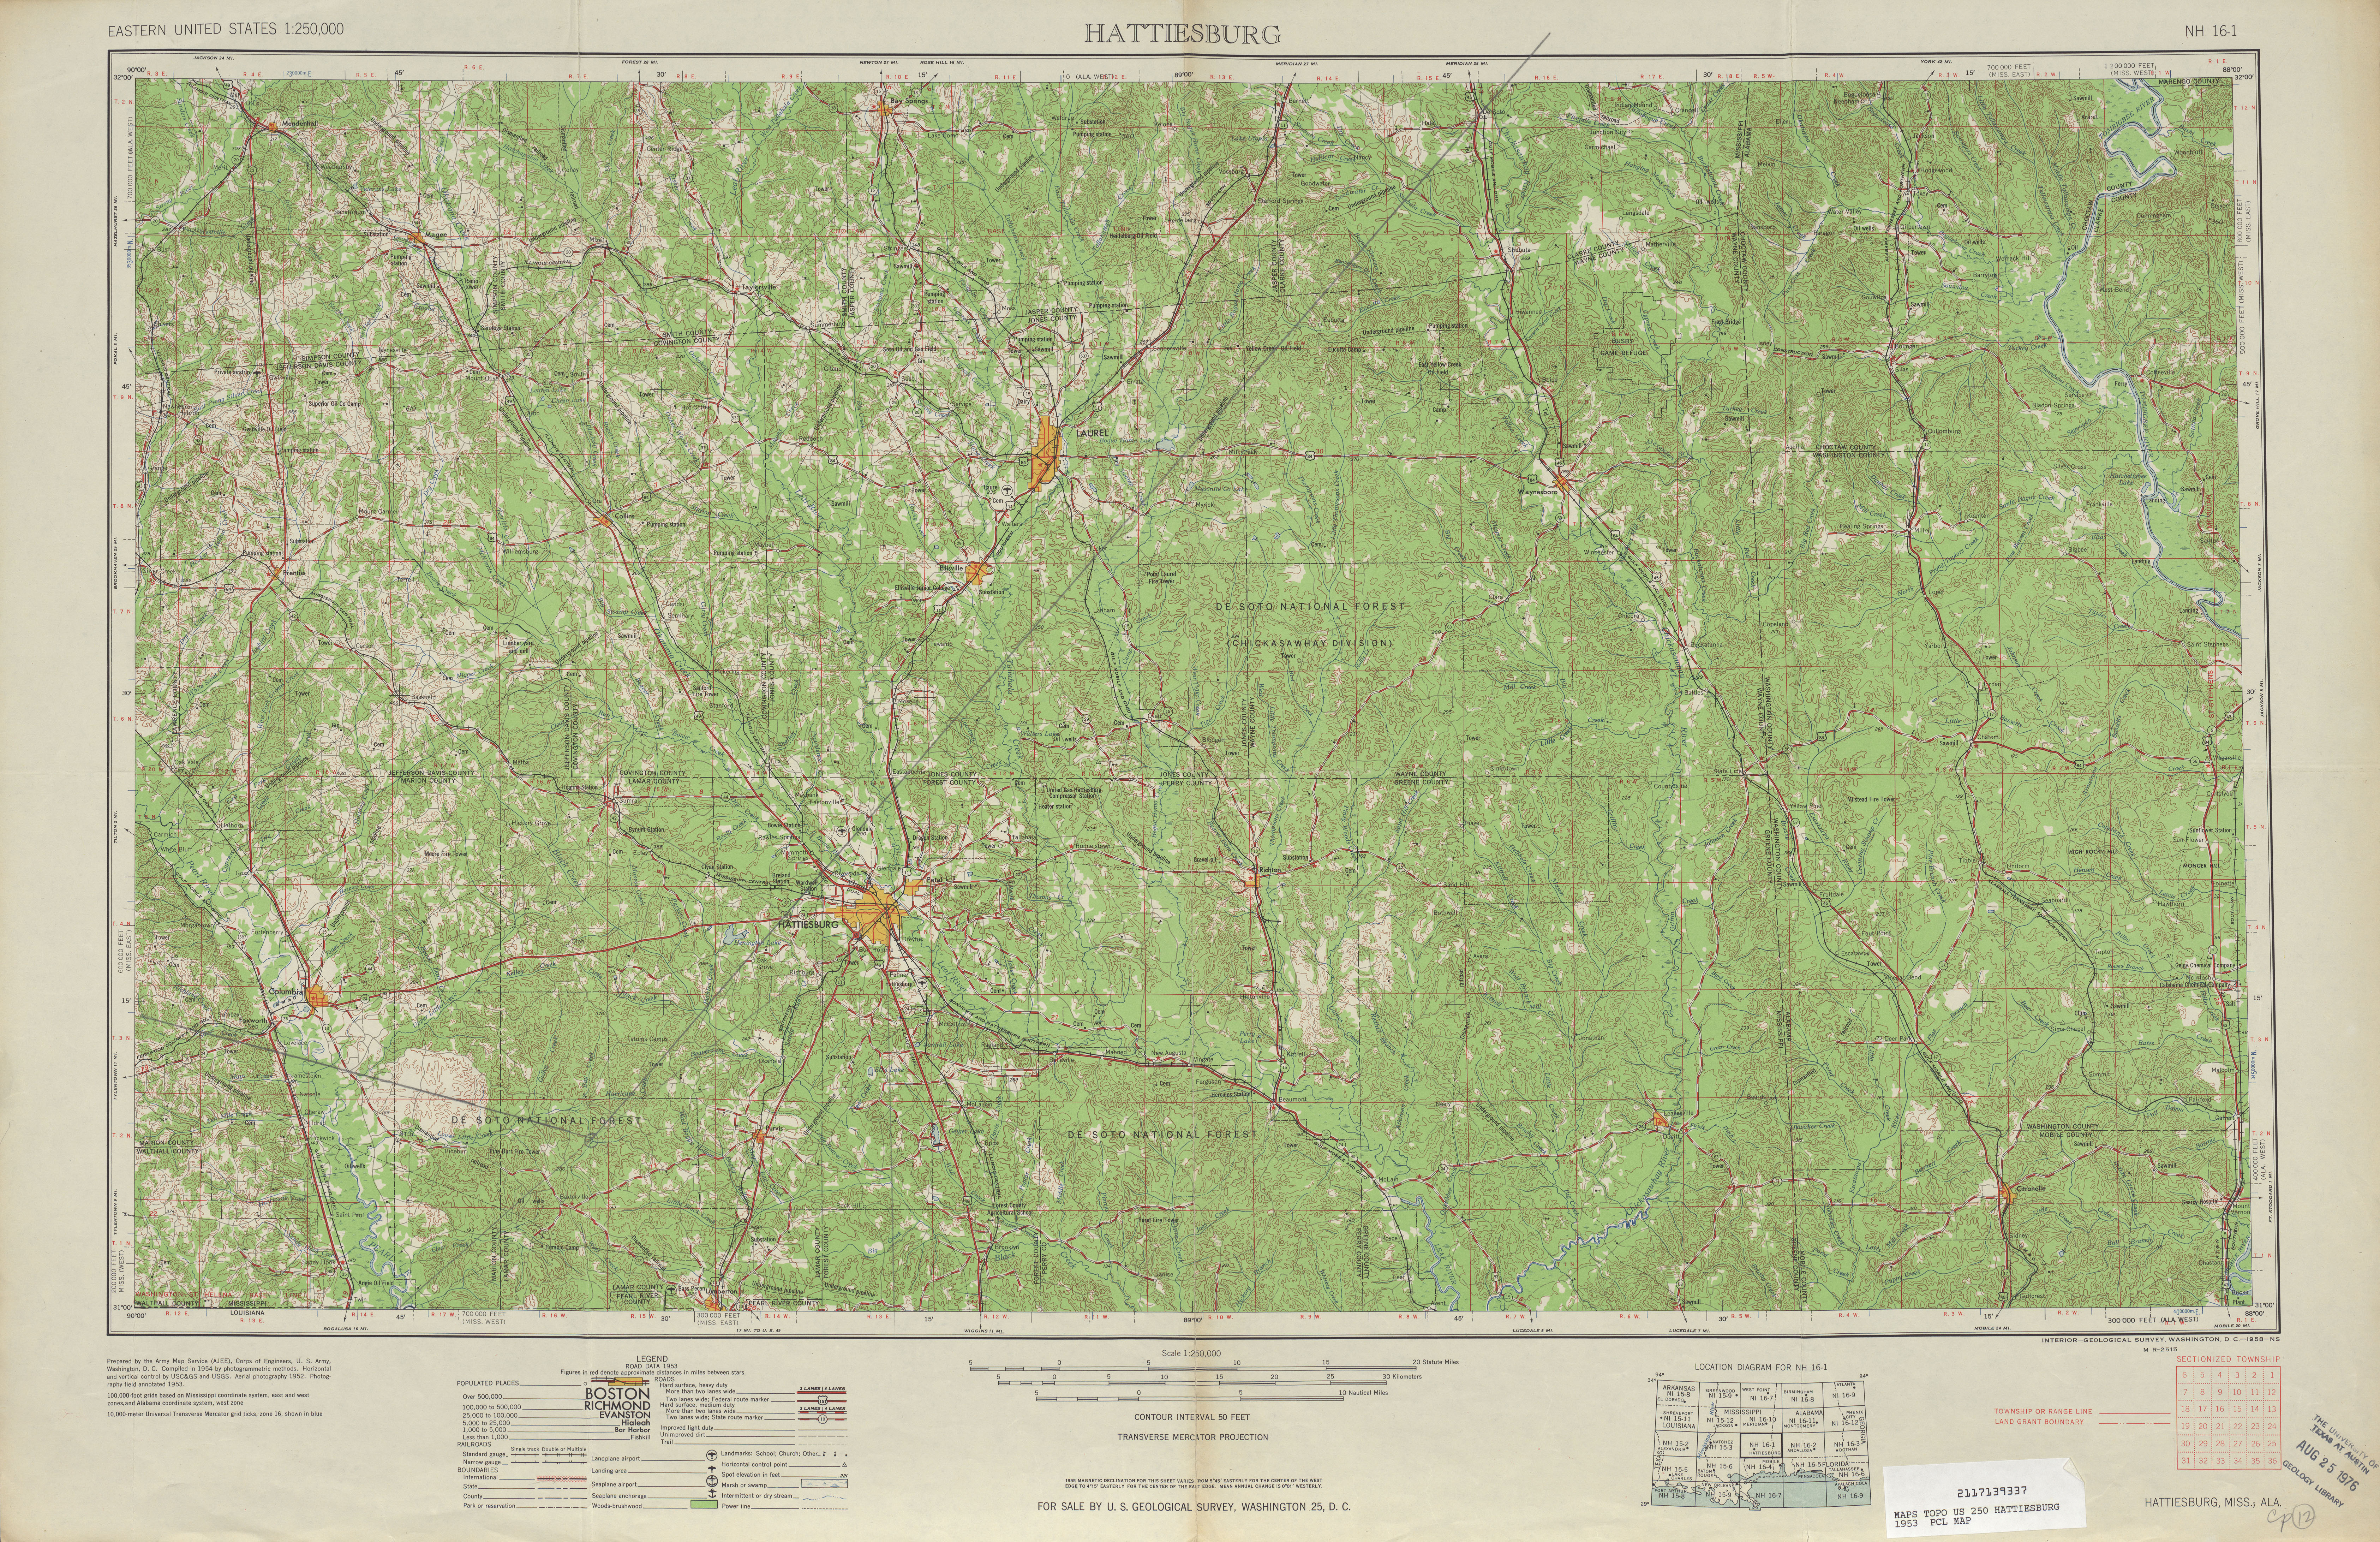 Hoja Hattiesburg del Mapa Topográfico de los Estados Unidos 1953